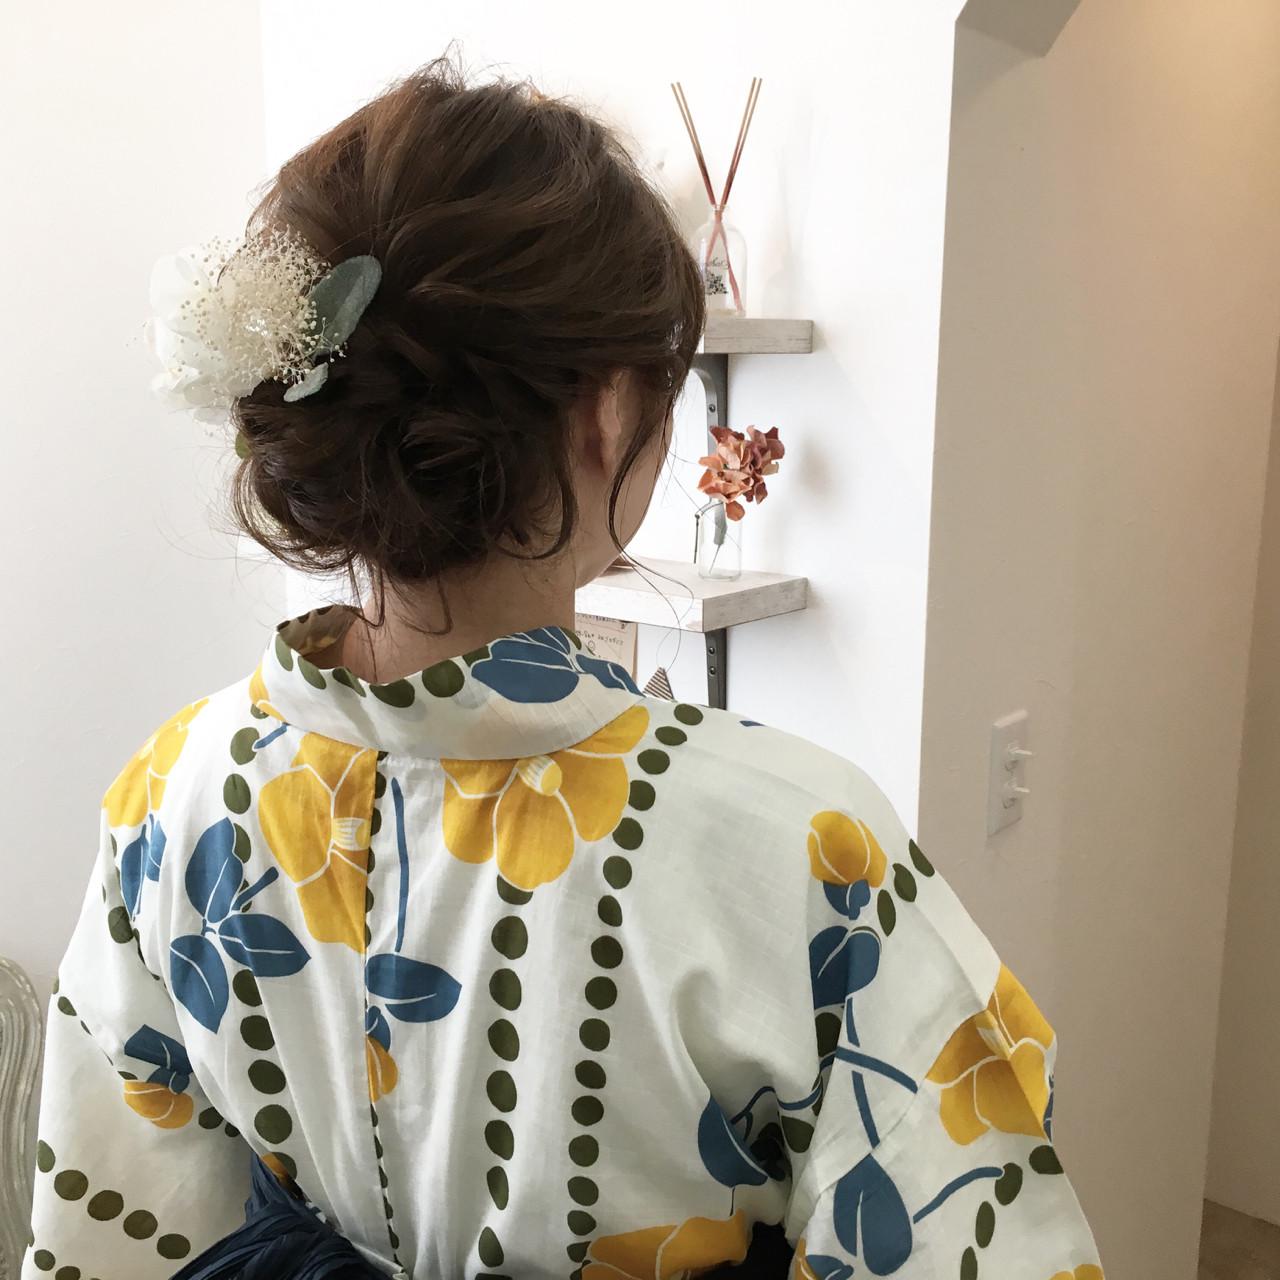 ヘアアレンジ 和装 セミロング お祭り ヘアスタイルや髪型の写真・画像 | 原田あゆみ / coquille/コキーユ